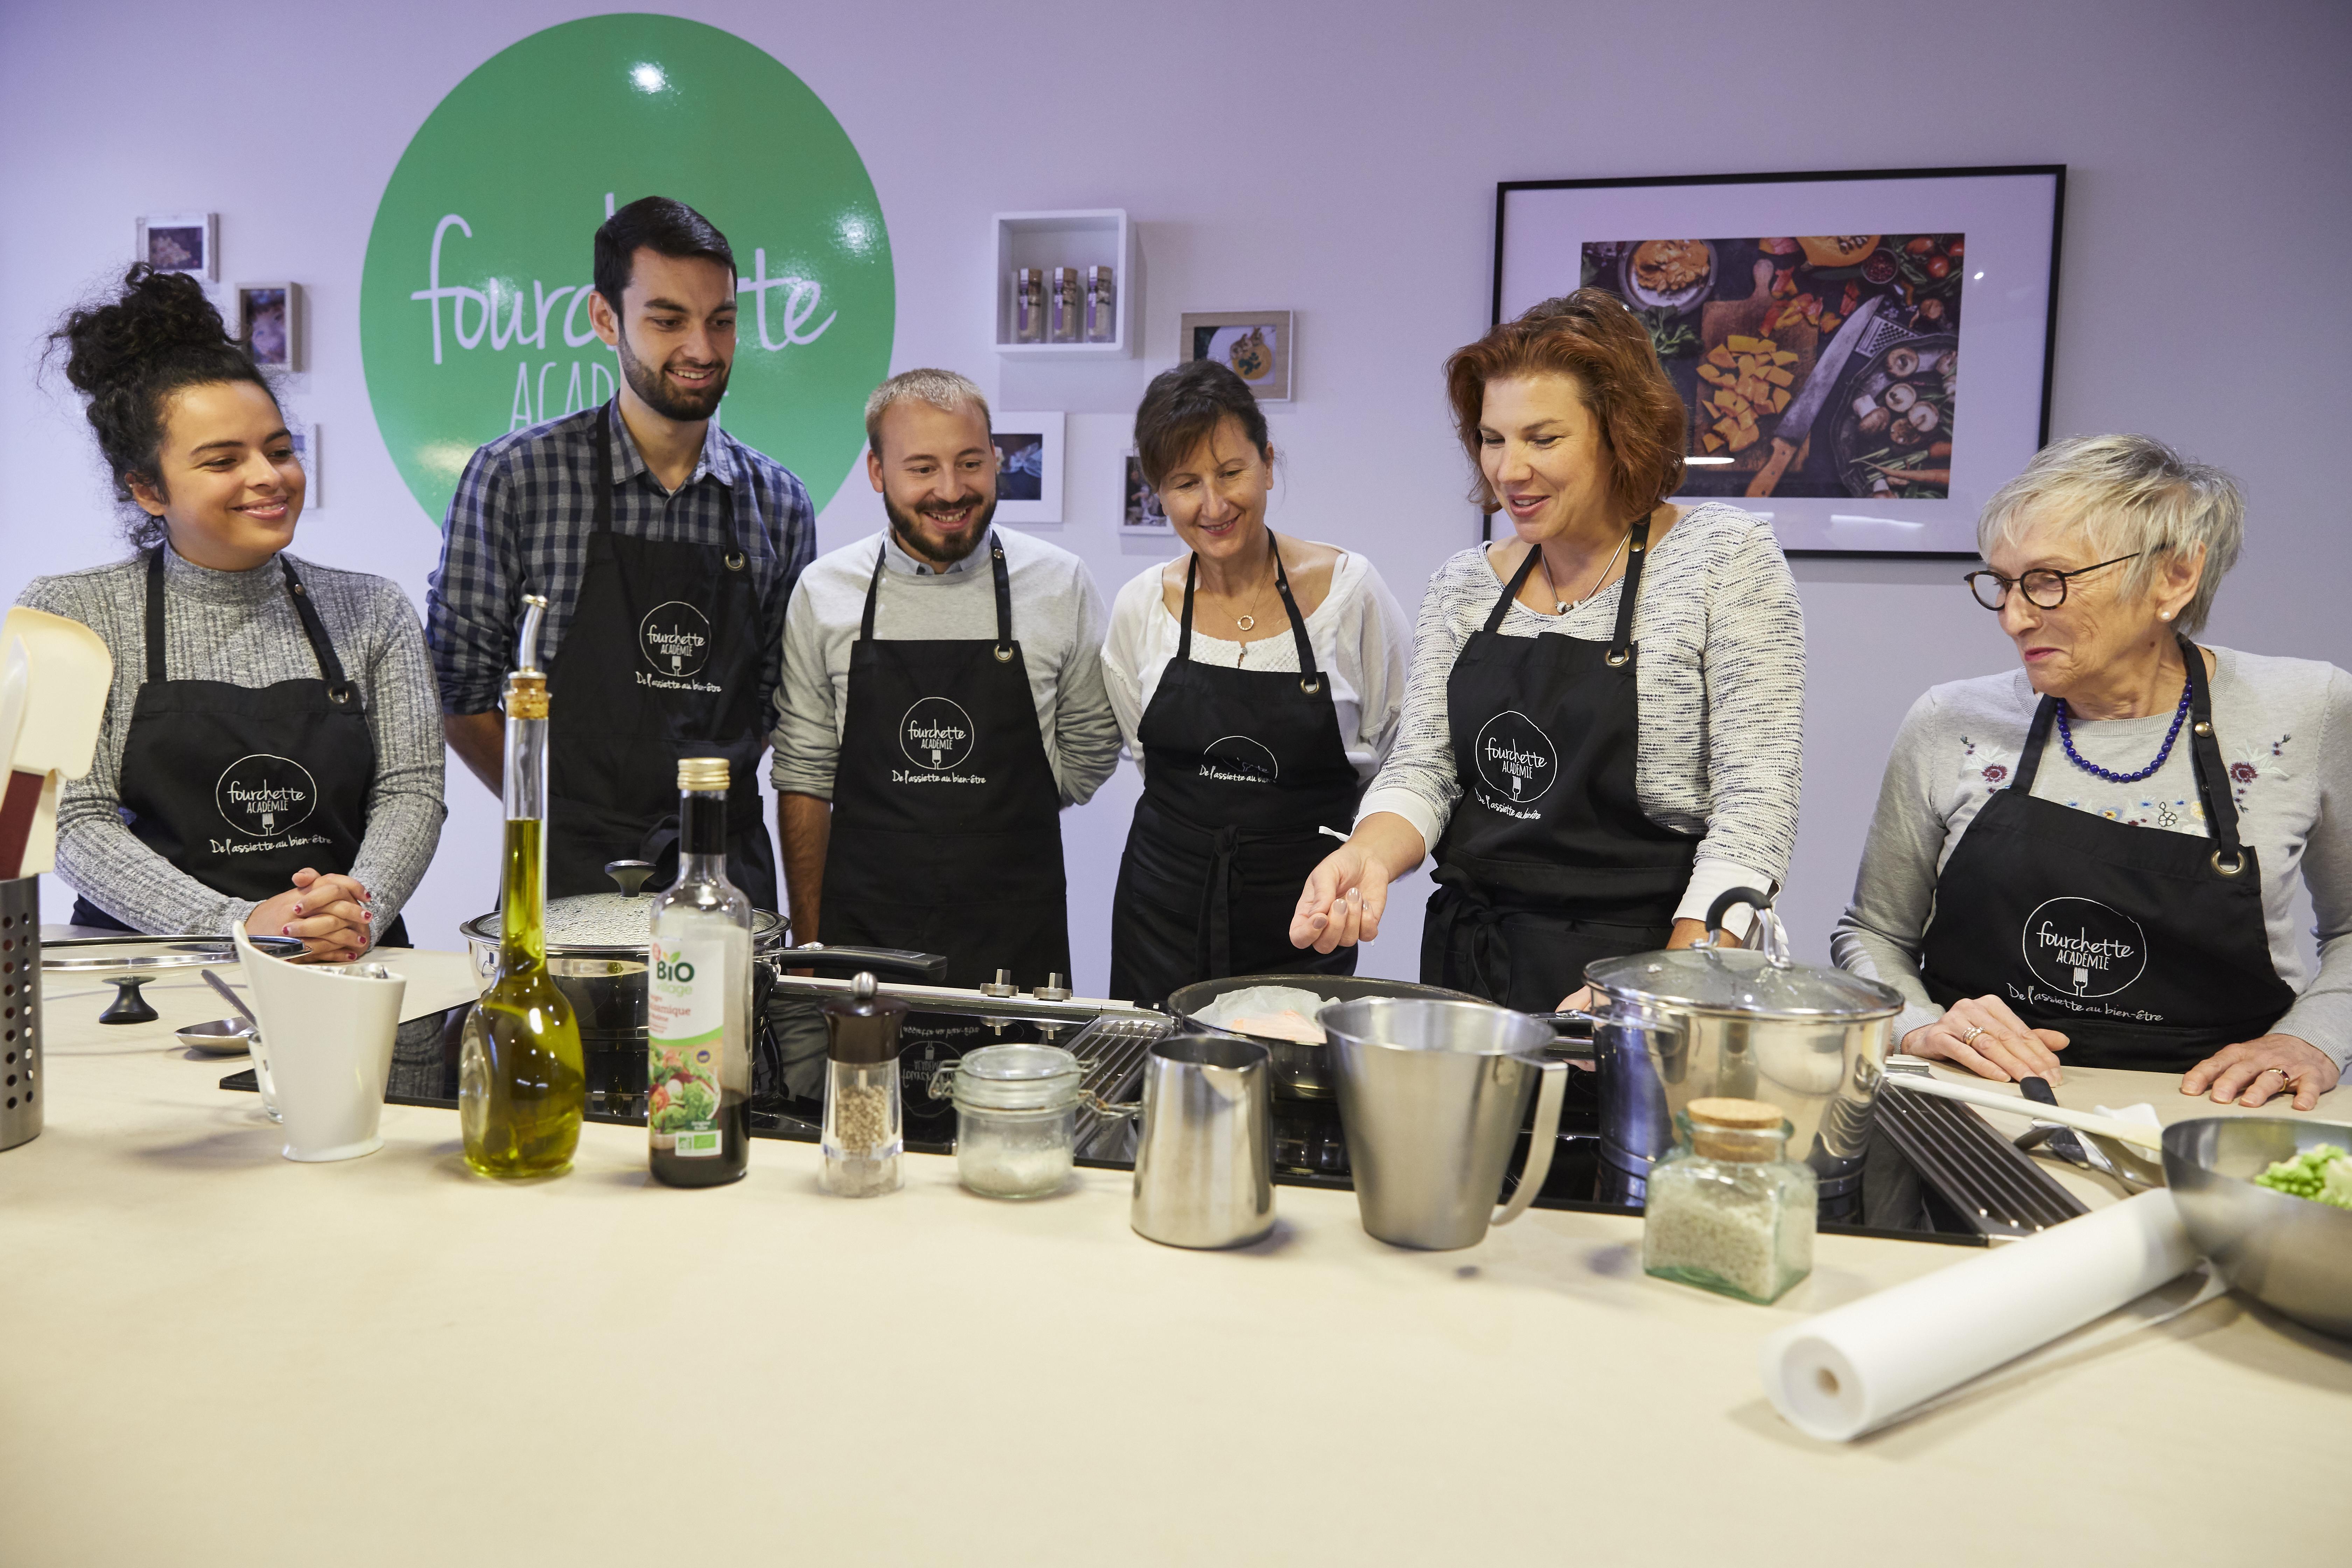 fourchette academie oenologie atelier cuisine evjf laval labougeotte blog